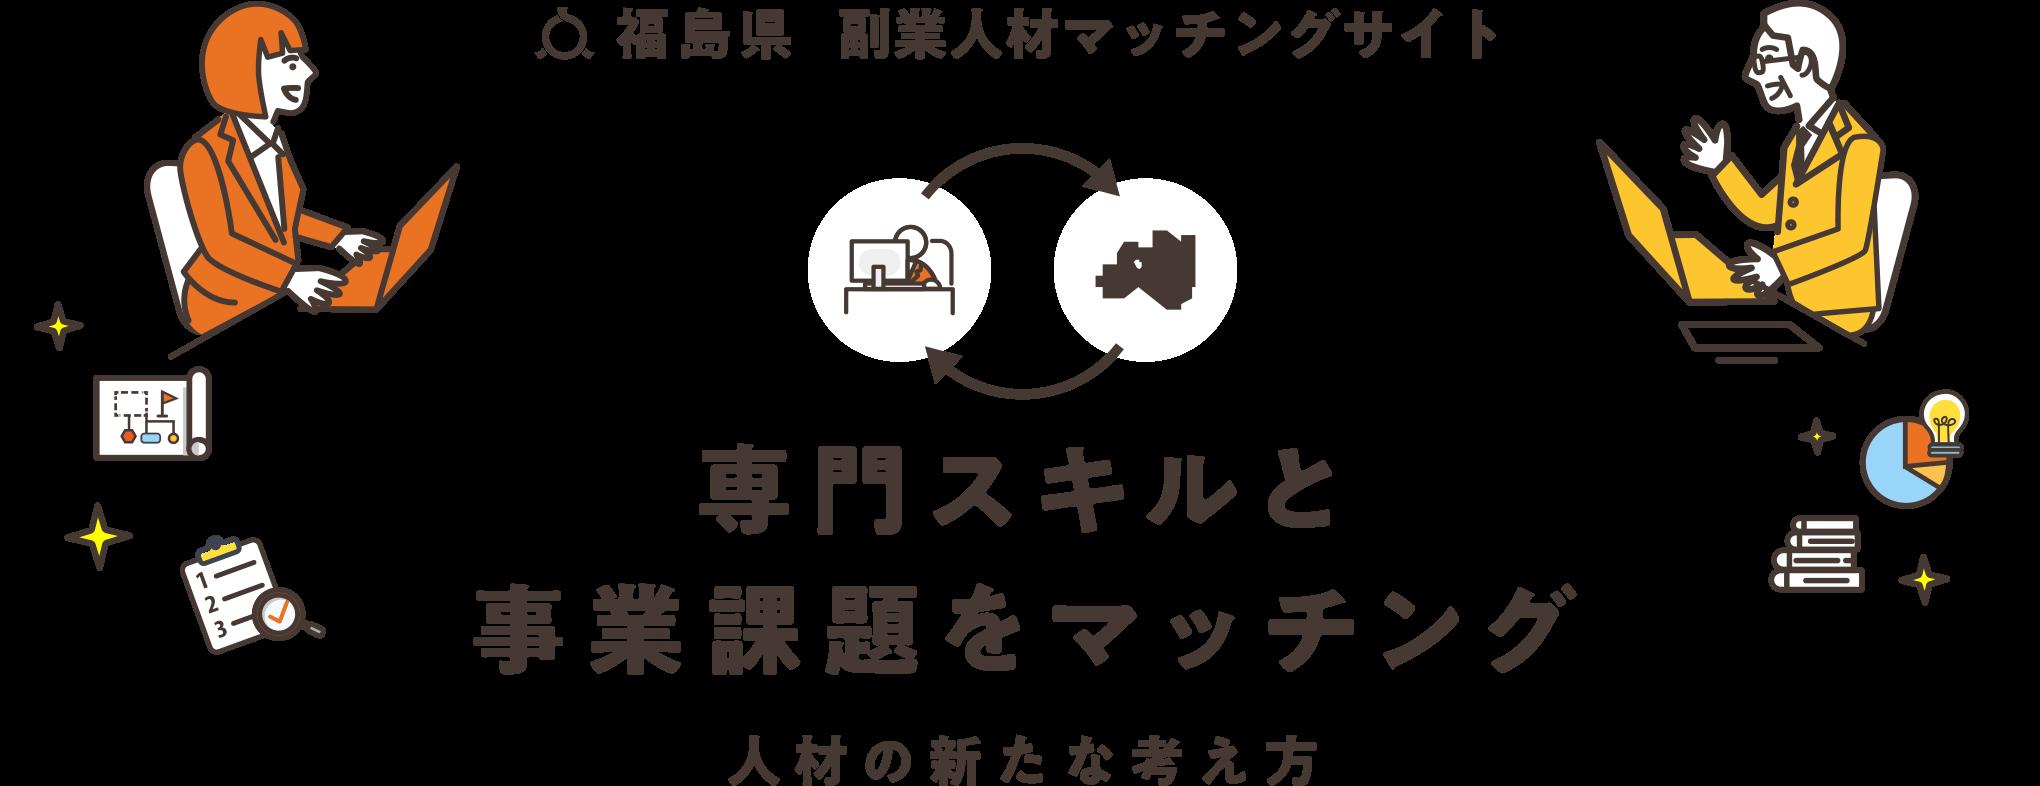 福島県 副業人材マッチンングサイト 専門スキルと事業課題をマッチング 人材の新たな考え方